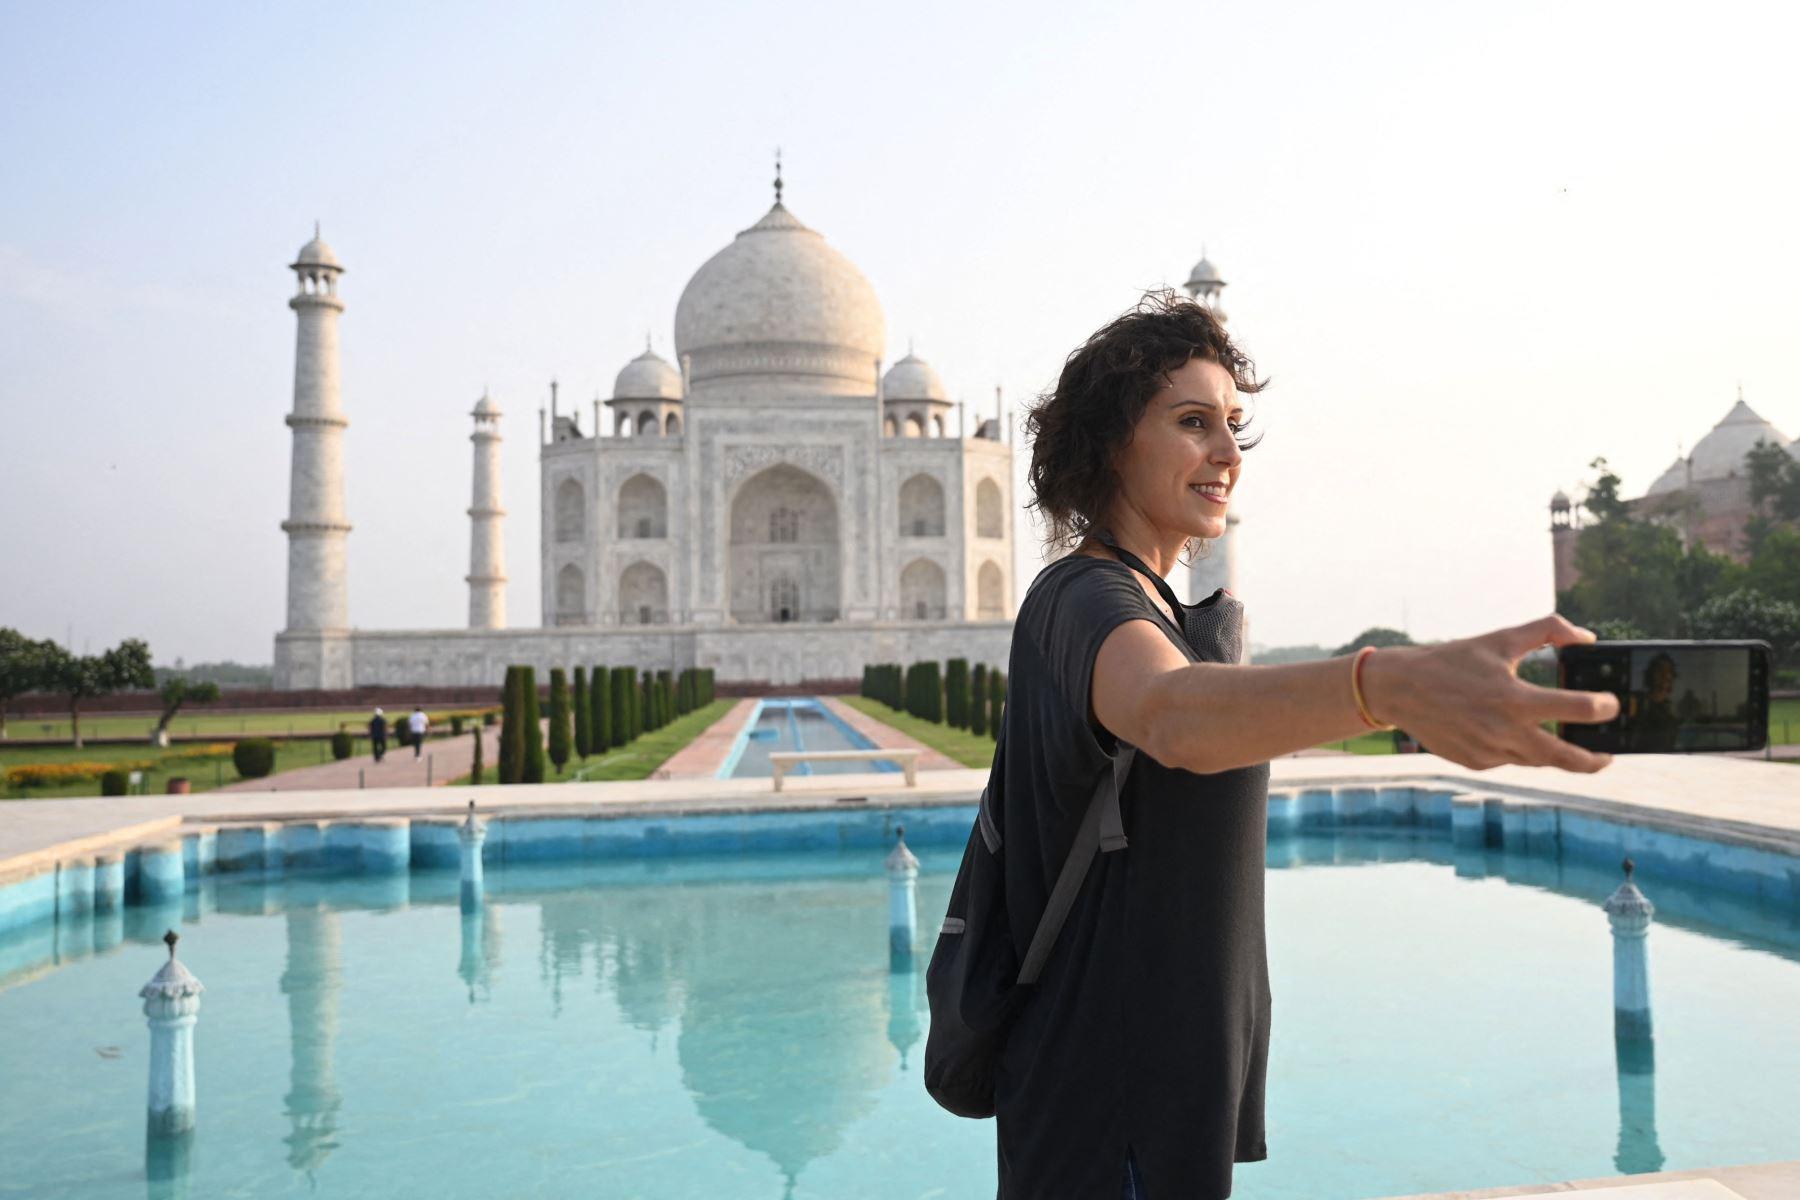 Melissa Dalla Rosa de Brasil toma fotos de recuerdo en el Taj Mahal después de que reabrió a los visitantes luego de que las autoridades flexibilizaran las restricciones del covid-19 en Agra. Foto: AFP